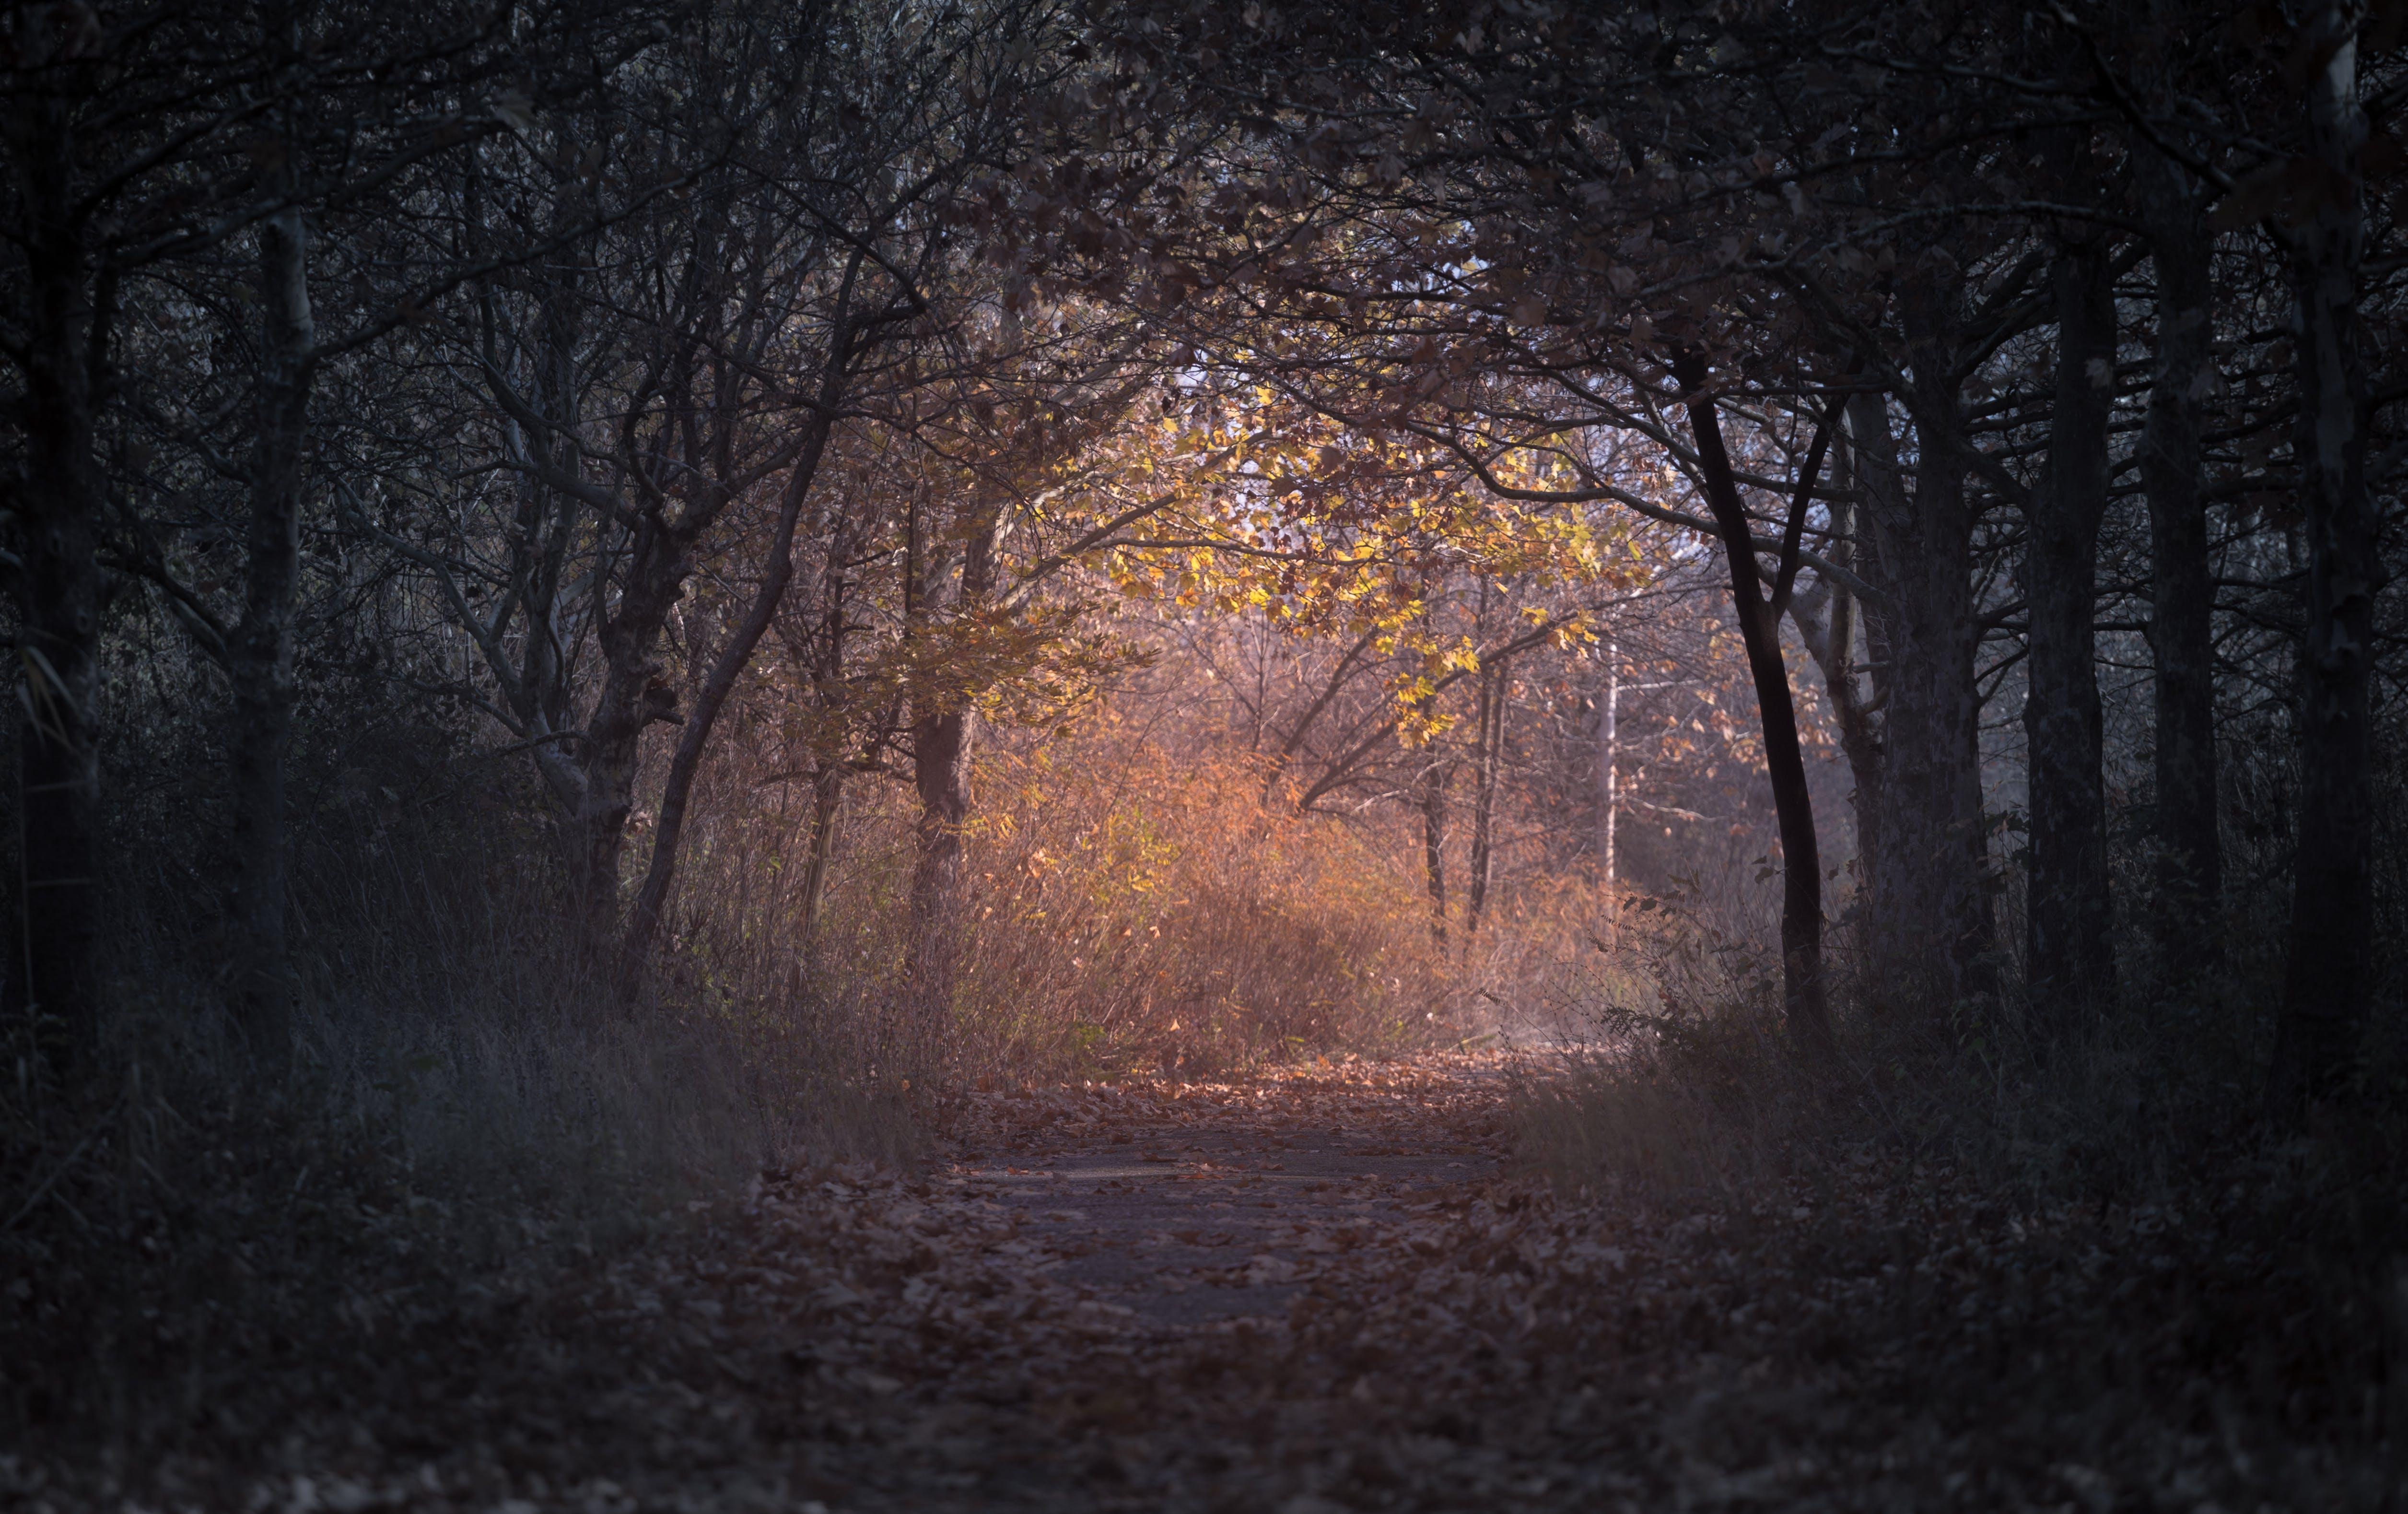 Gratis stockfoto met achtergrondlicht, bomen, Bos, bossen